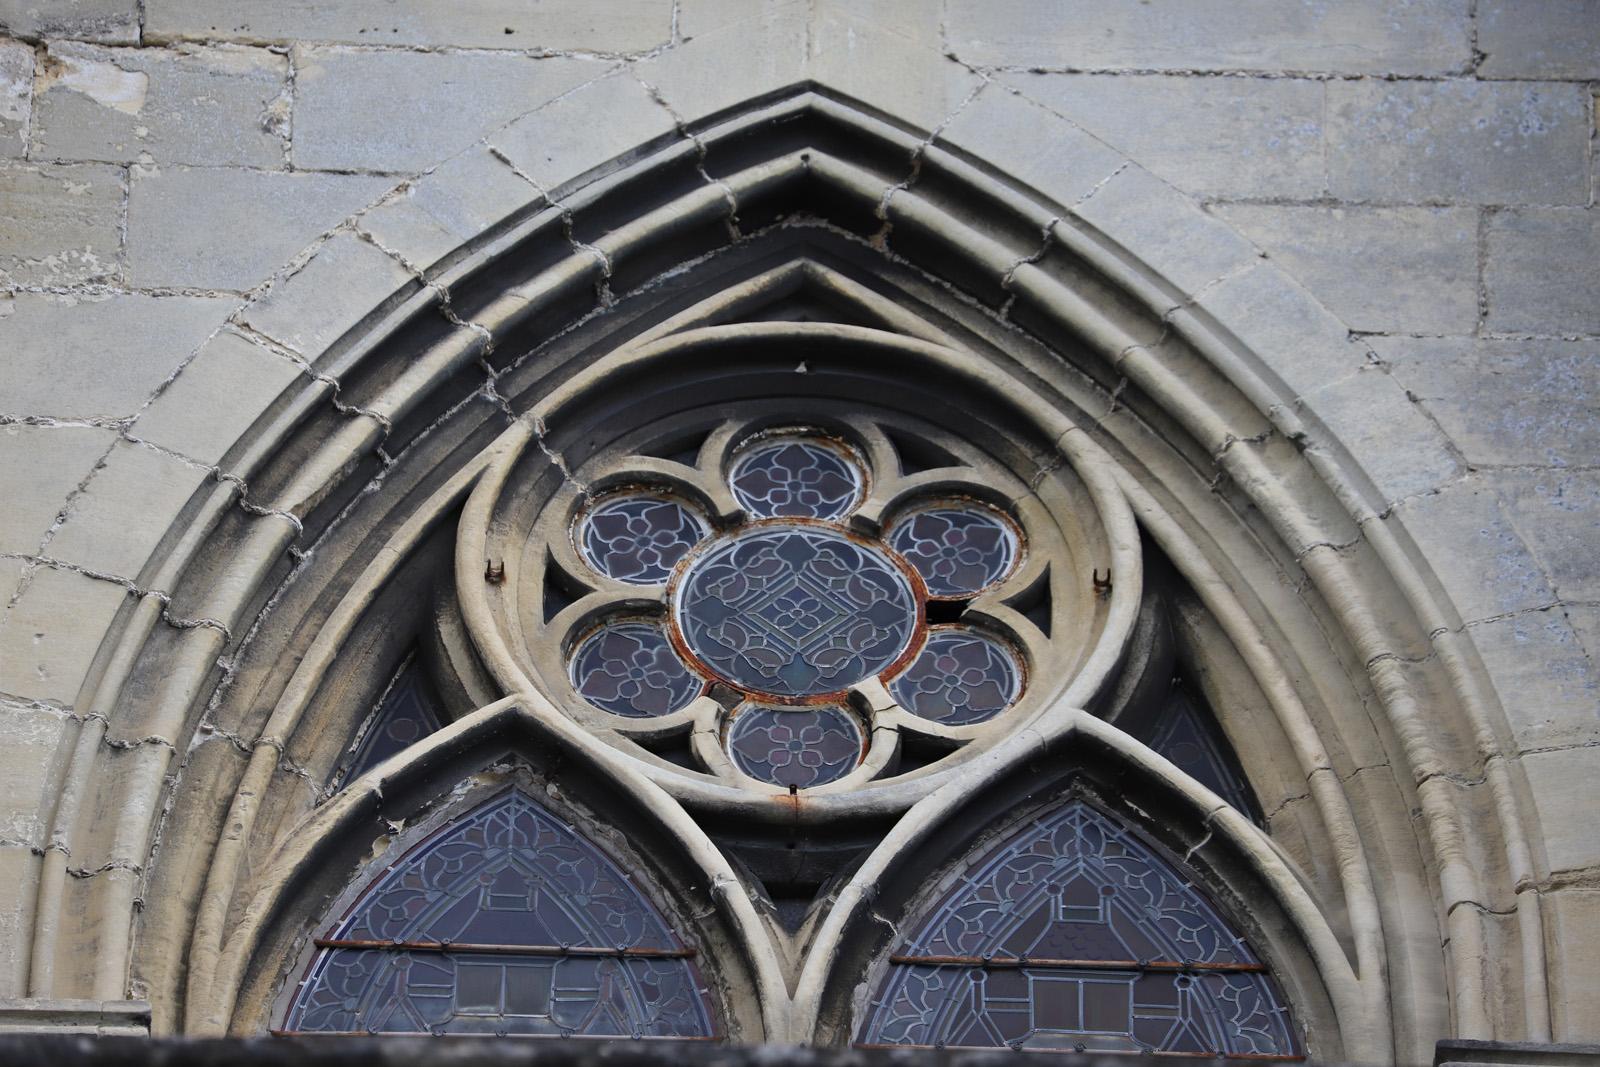 Encadrement en pierre manquant sur la rosace au-dessus du vitrail - façade sud